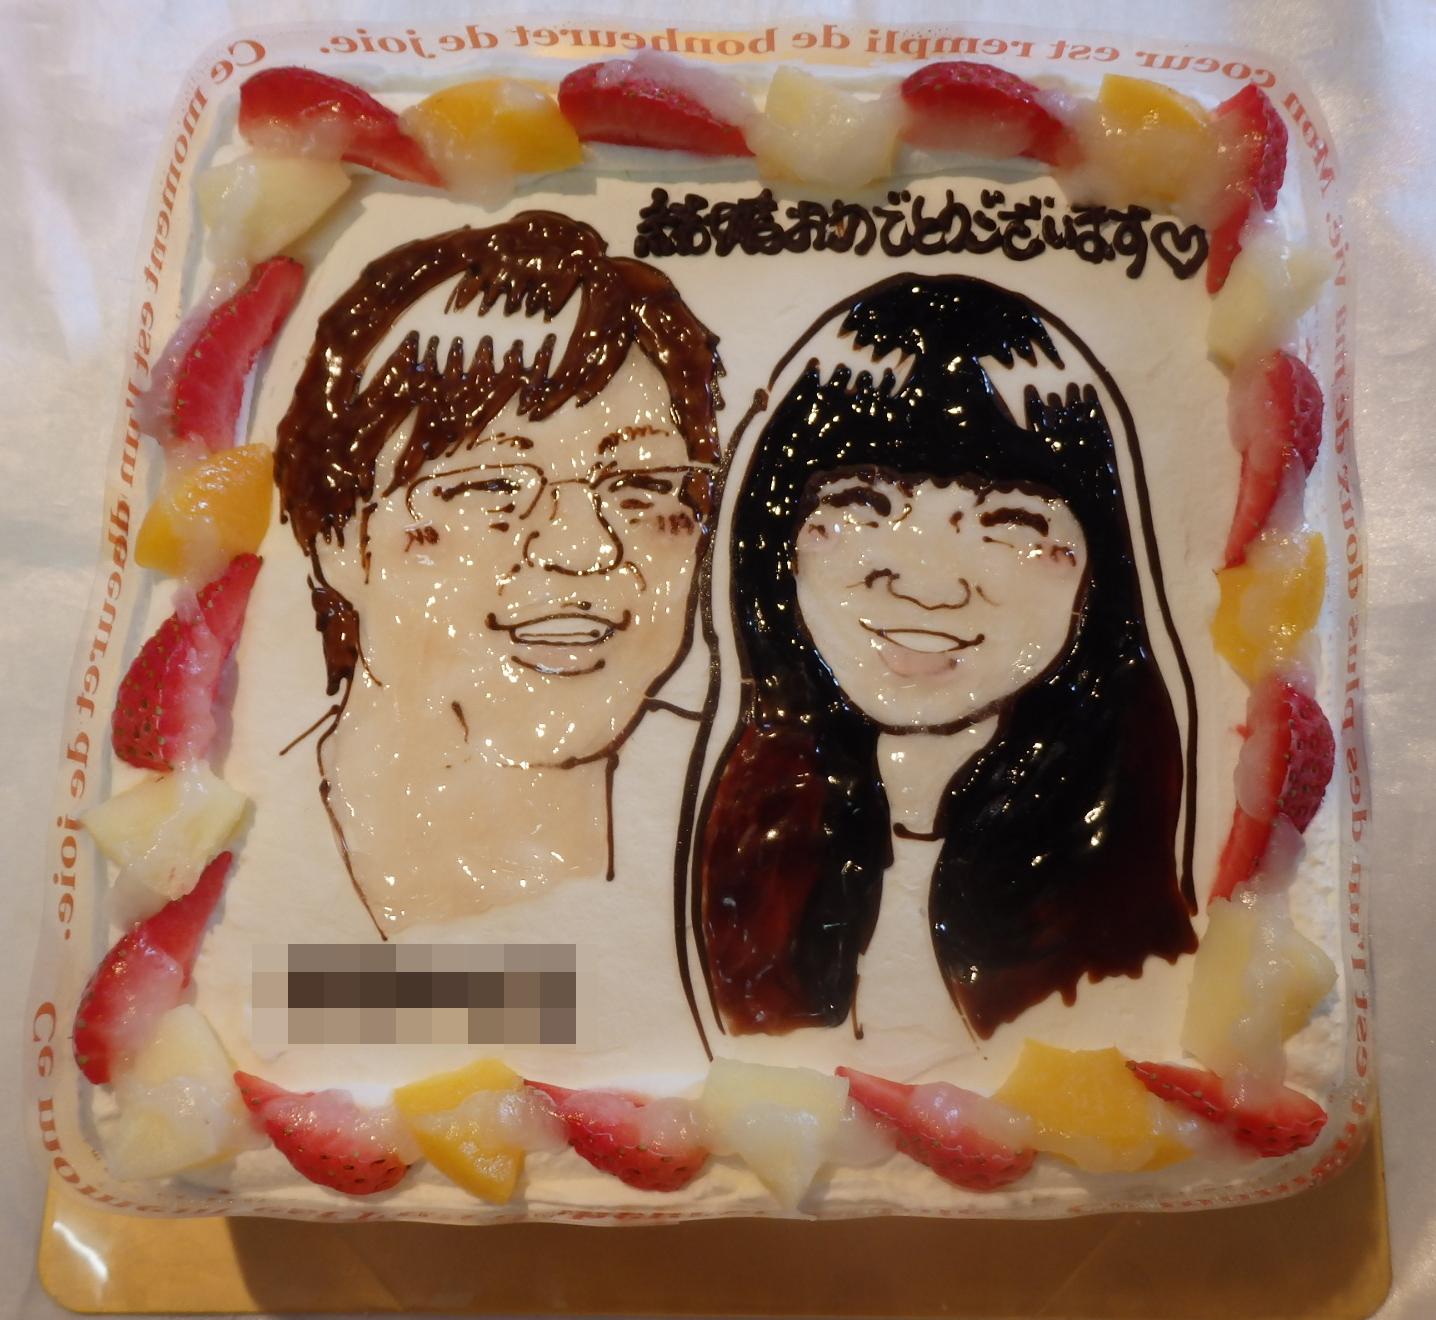 【送料無料】似顔絵ケーキ 9号 四角の画像5枚目